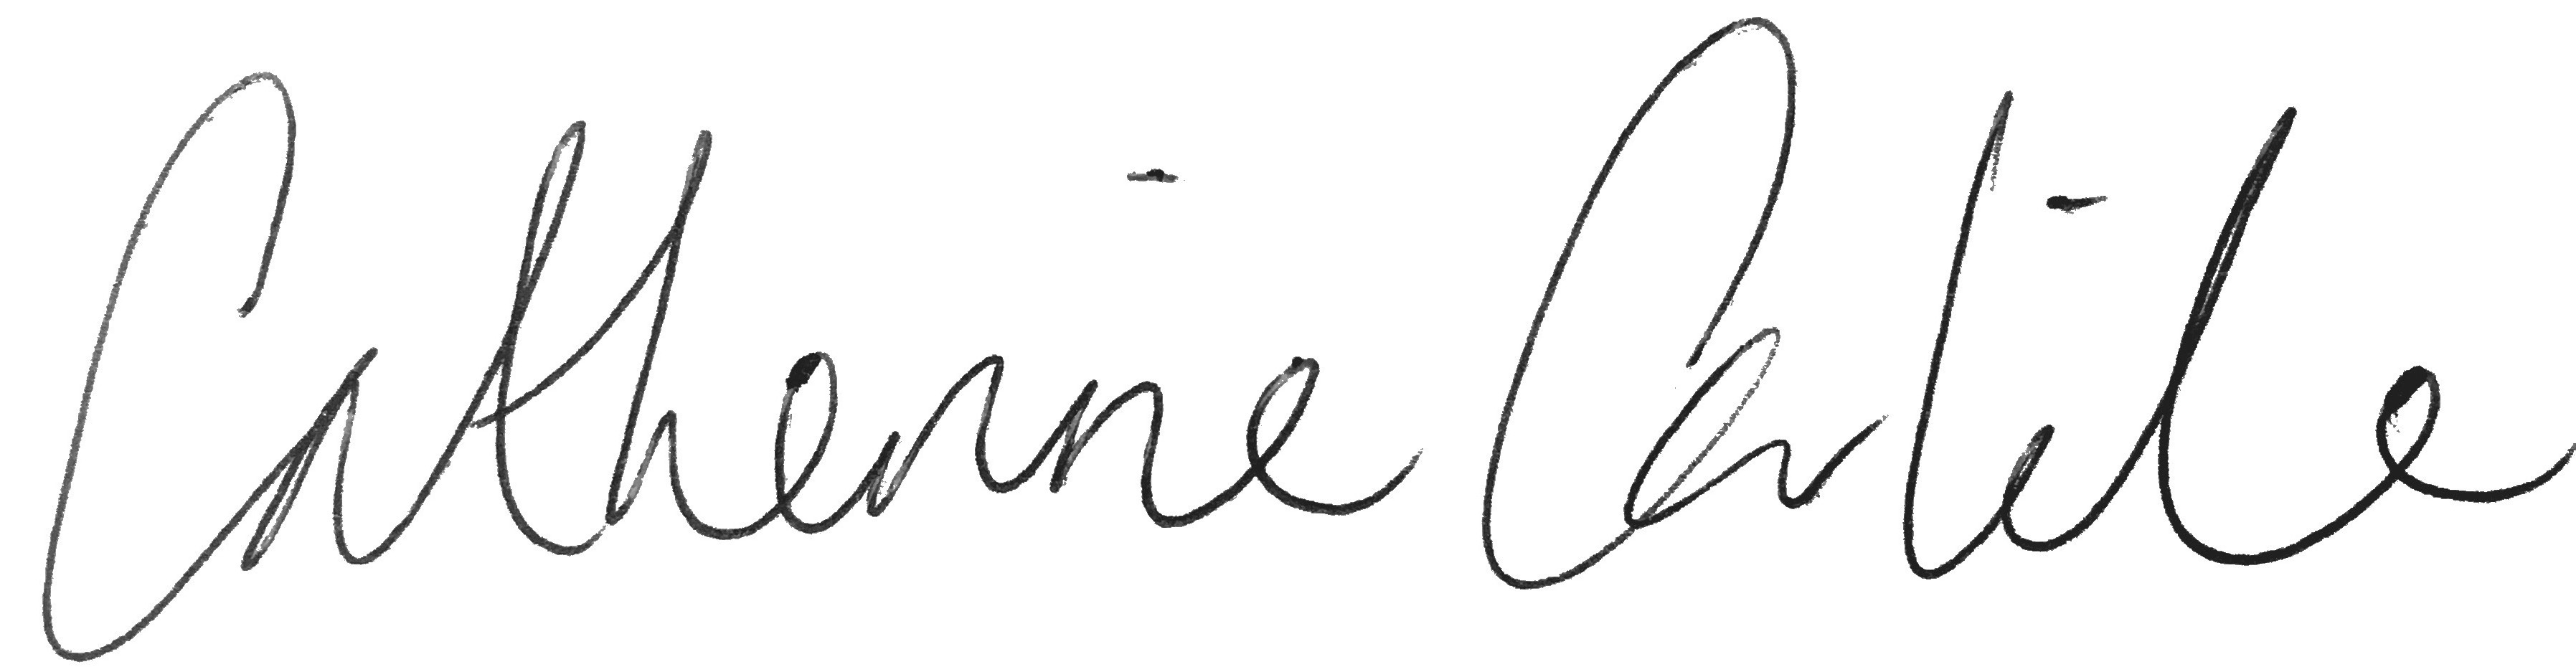 Signature_.jpg